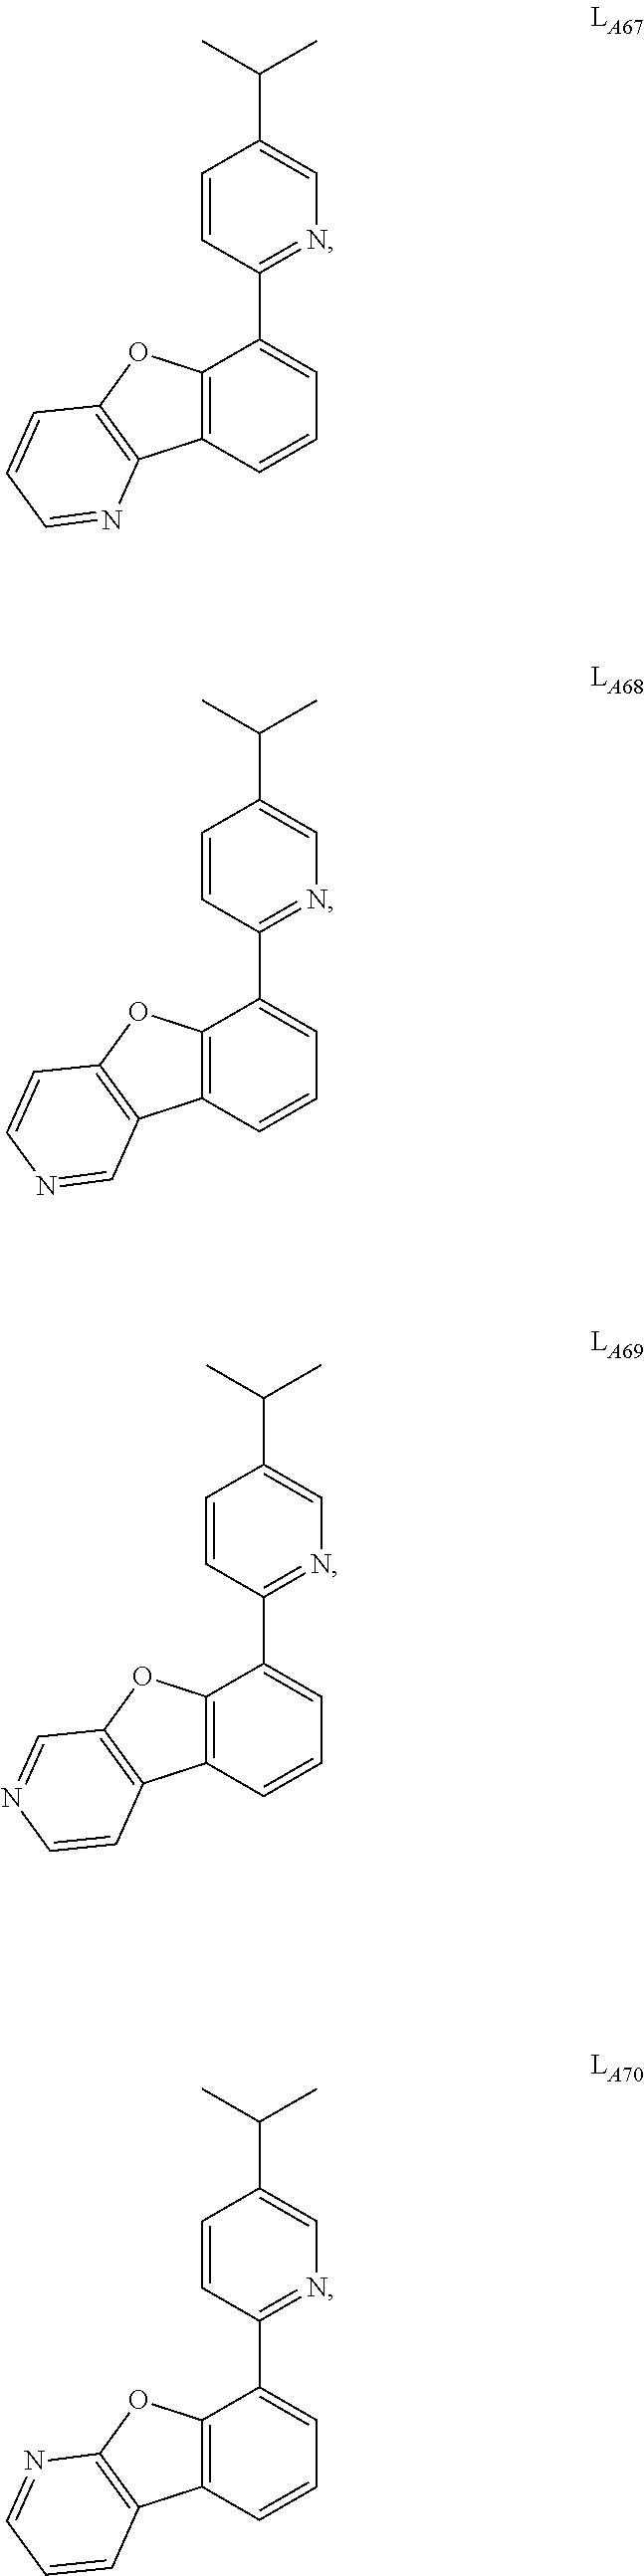 Figure US09634264-20170425-C00064